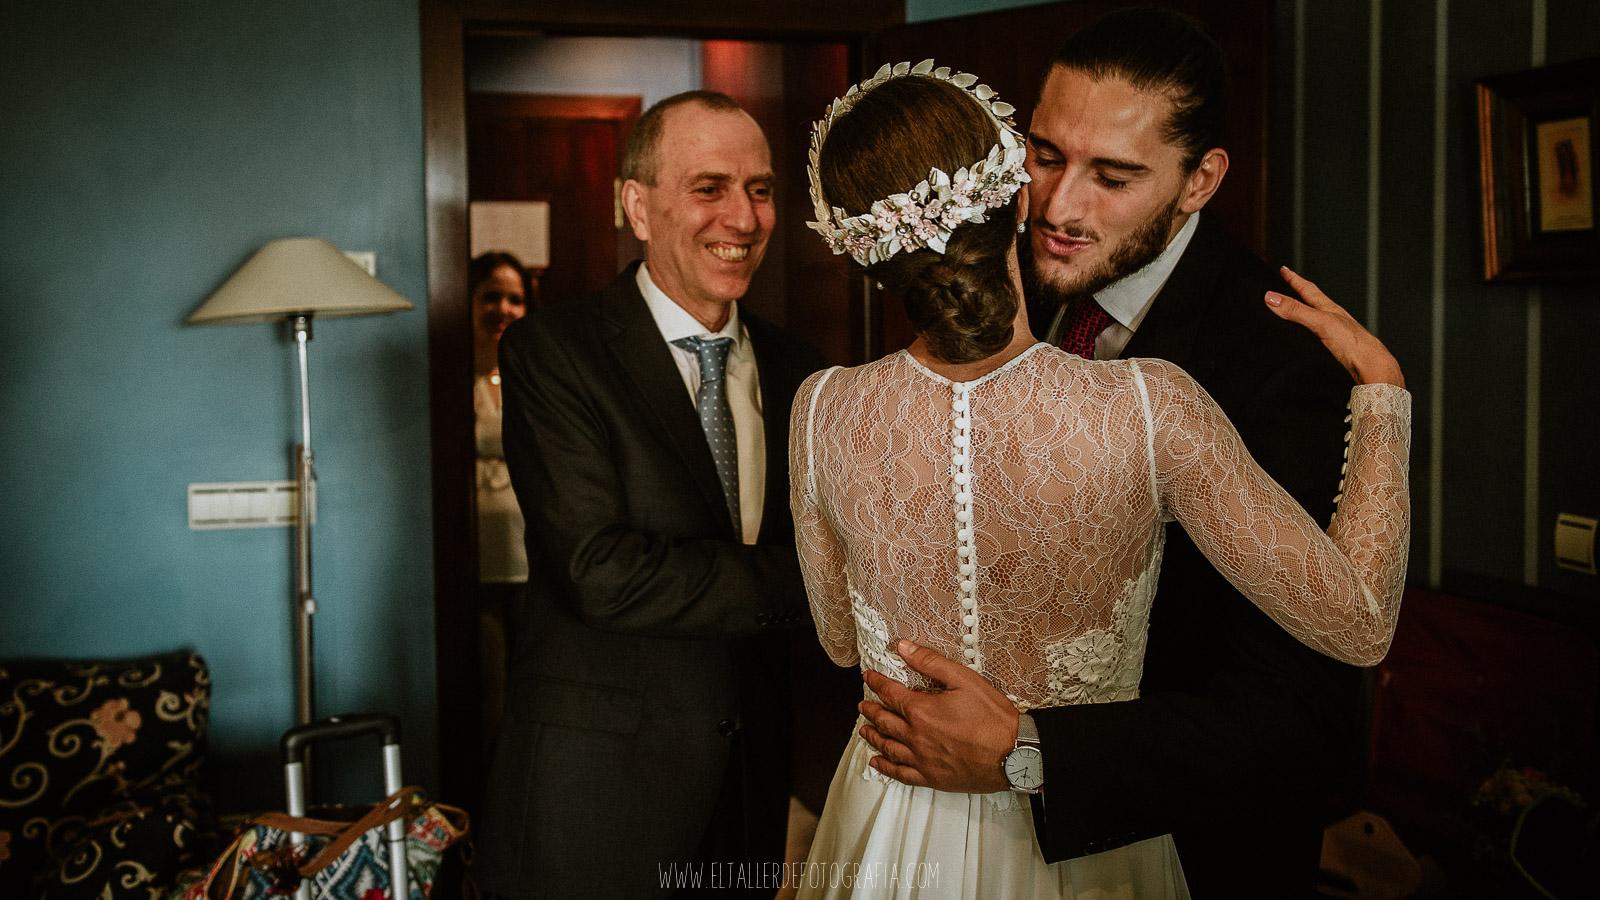 Padre y Hermano abrazan y besan a la novia despues de vestirse